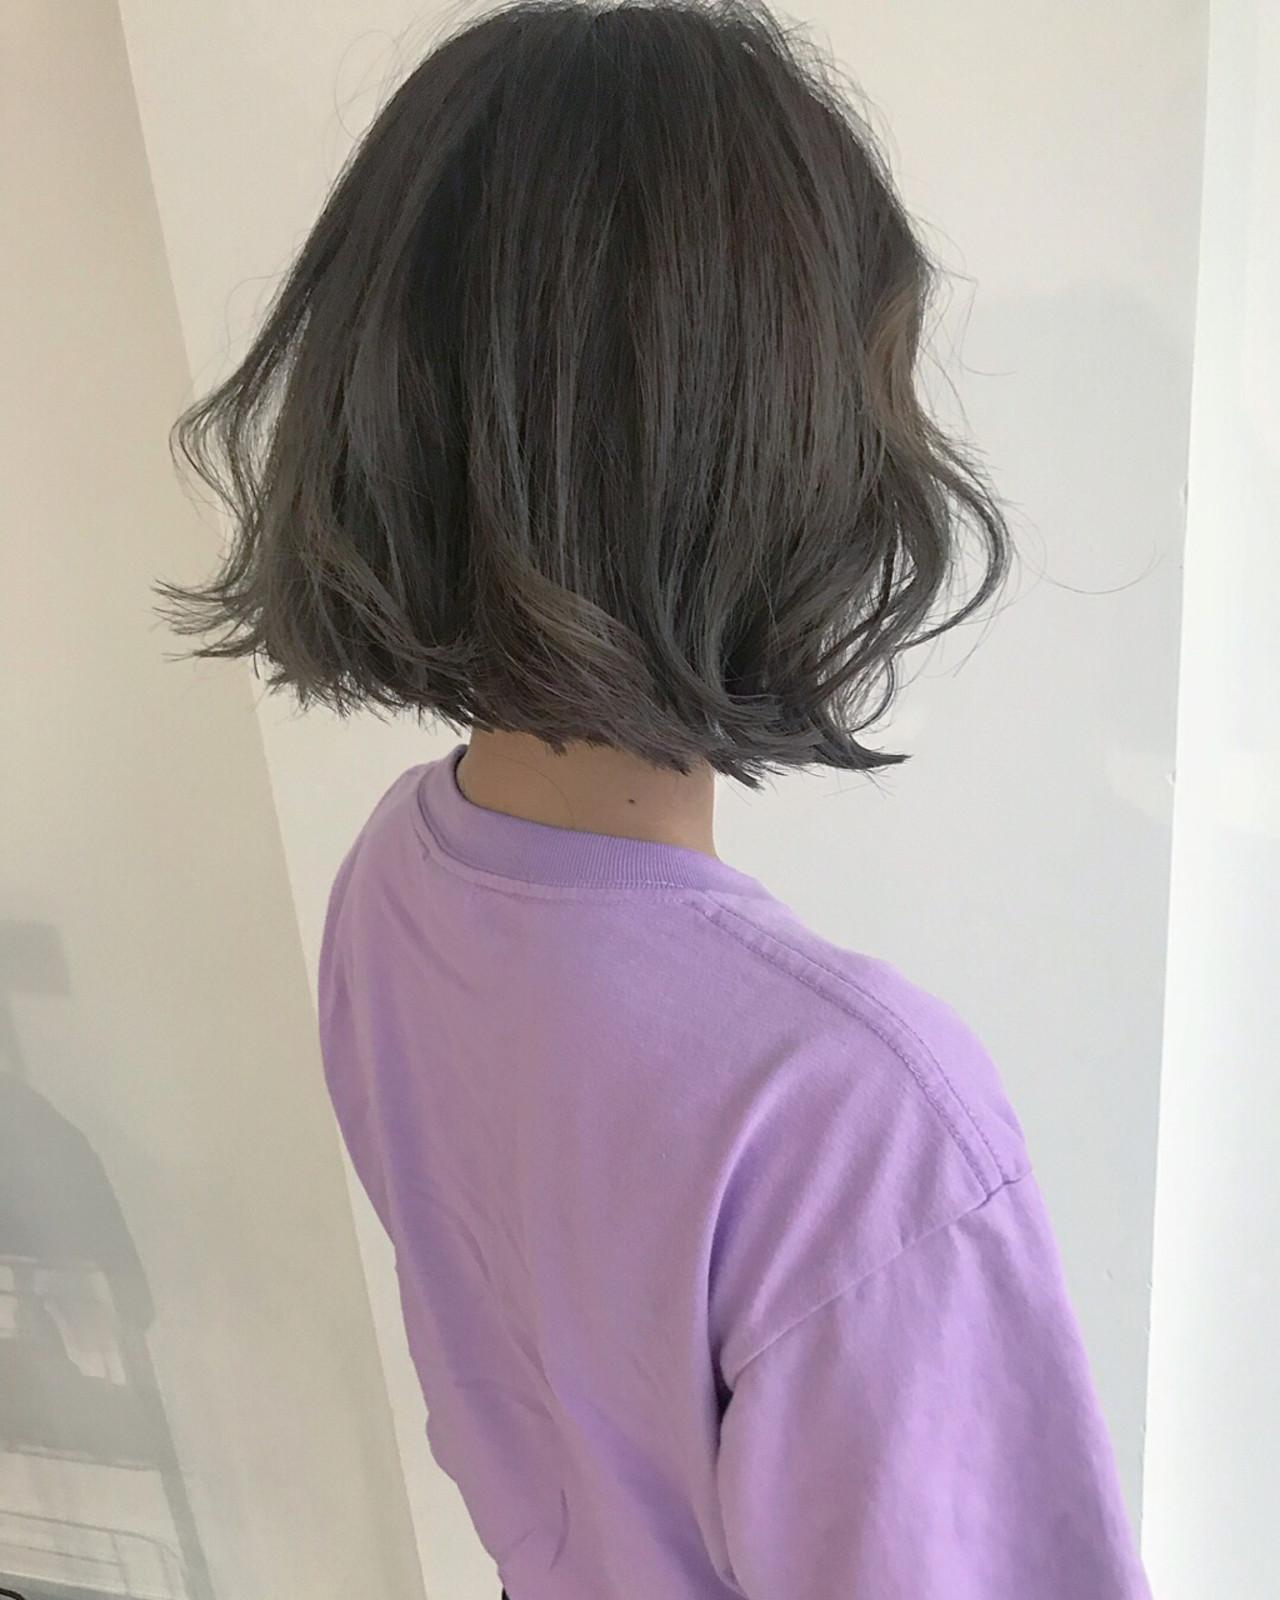 デート ゆるふわ オフィス ボブ ヘアスタイルや髪型の写真・画像 | YUJI / LIICHI / LIICHI (リイチ)